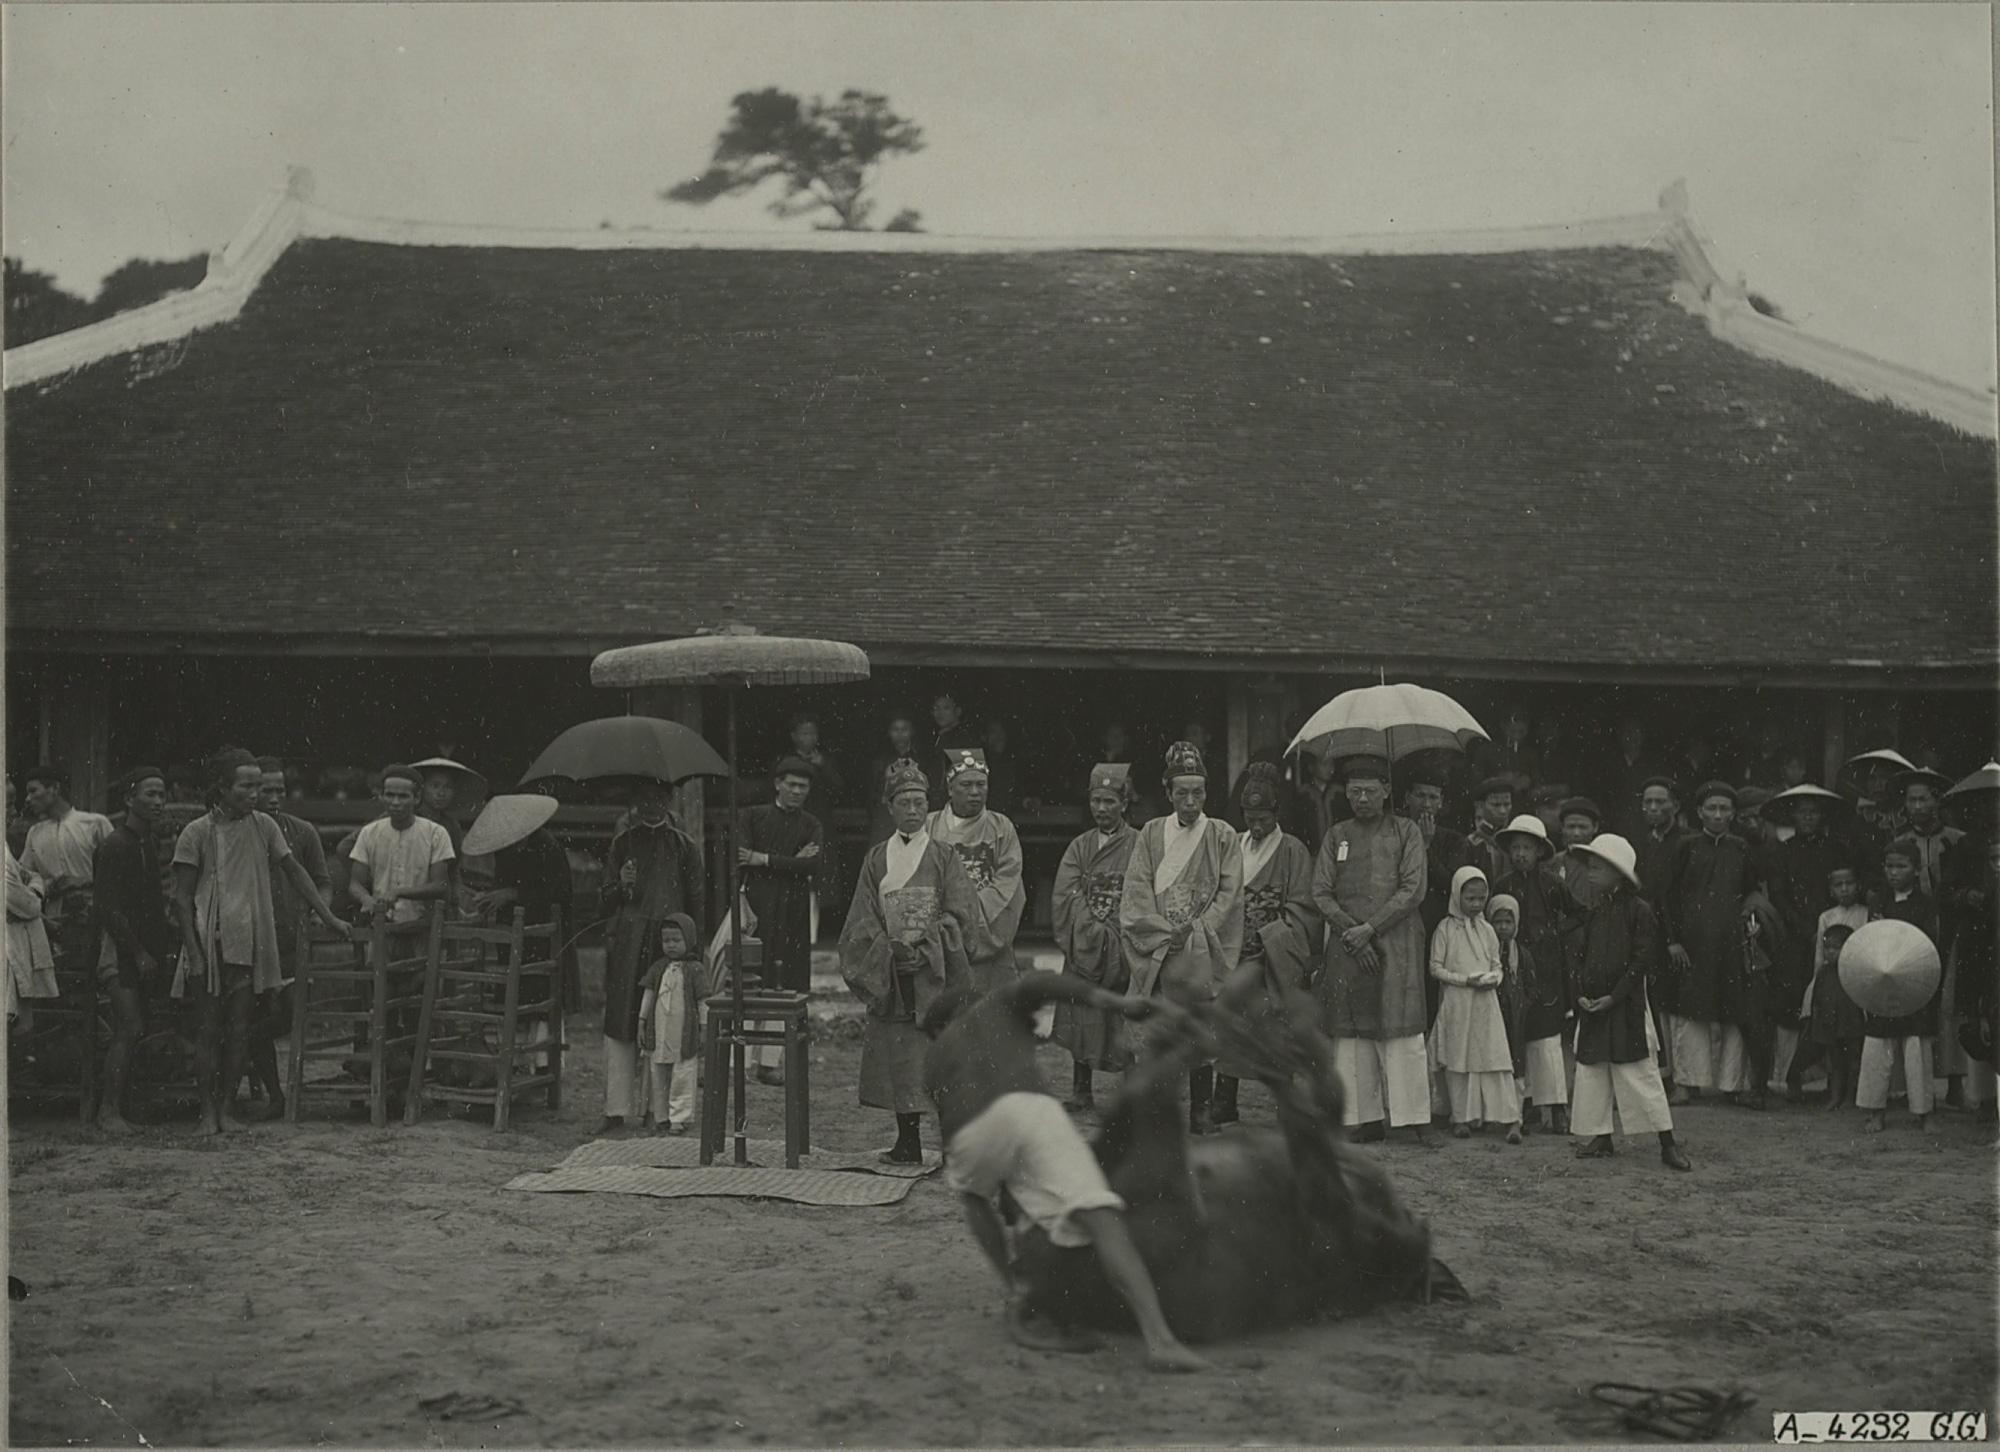 Nghi lễ tế trời đất tại đàn Nam Giao của các vua triều Nguyễn - Ảnh 12.